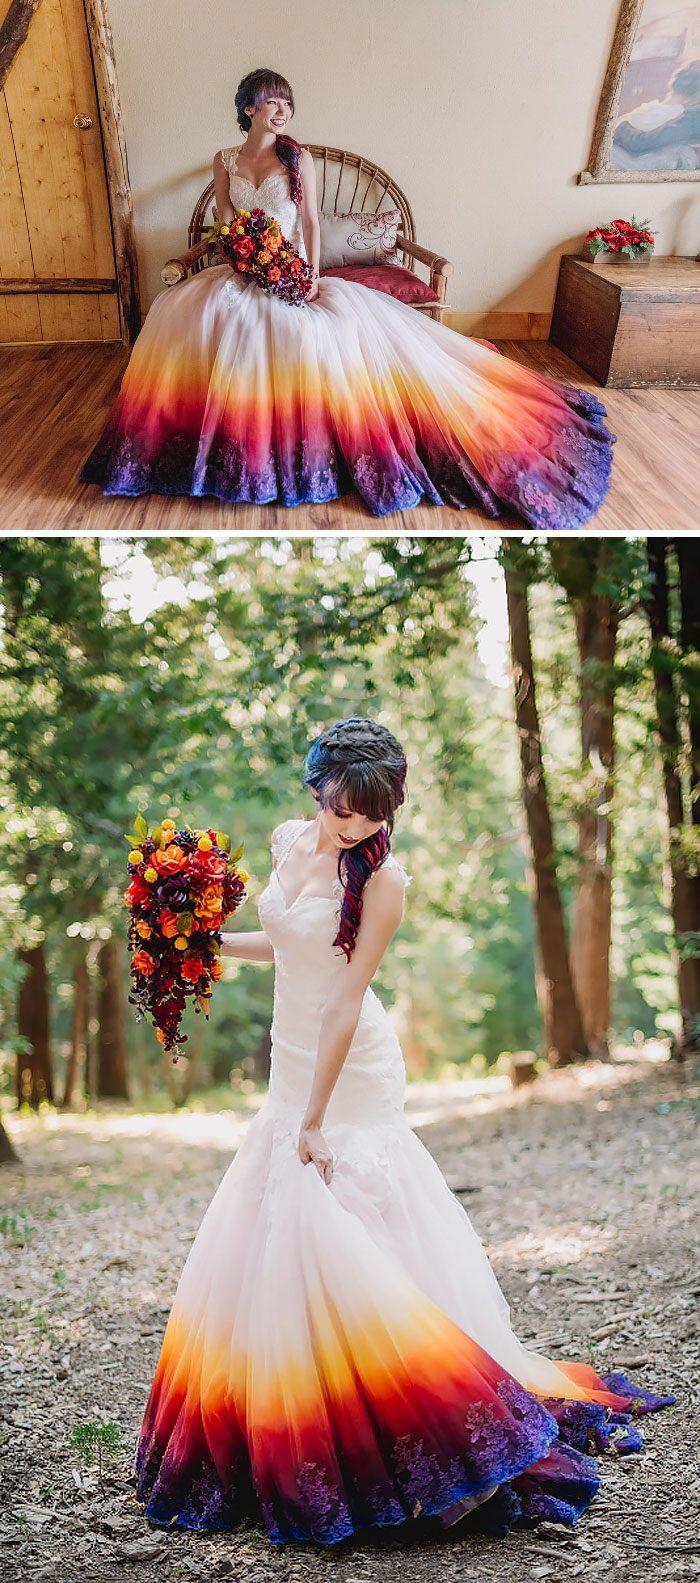 dip-dye-wedding-dress-trend-1-57cdba6b6f80e__700 (1)